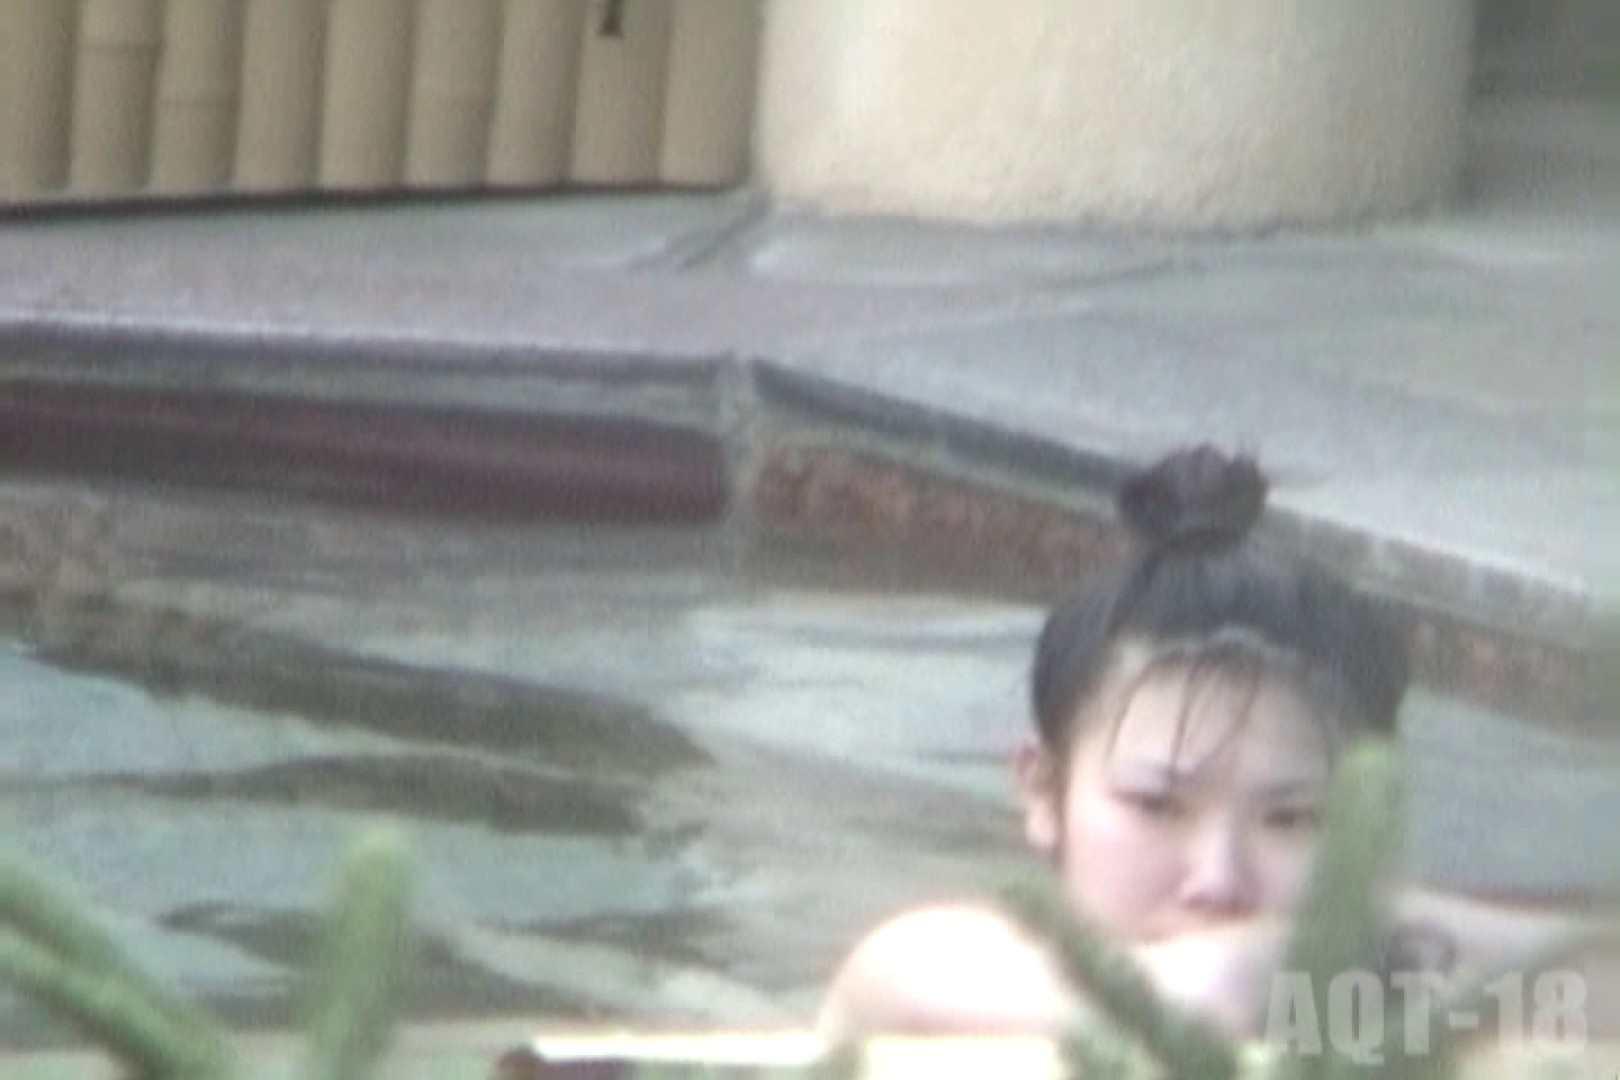 Aquaな露天風呂Vol.855 盗撮 セックス画像 67画像 50